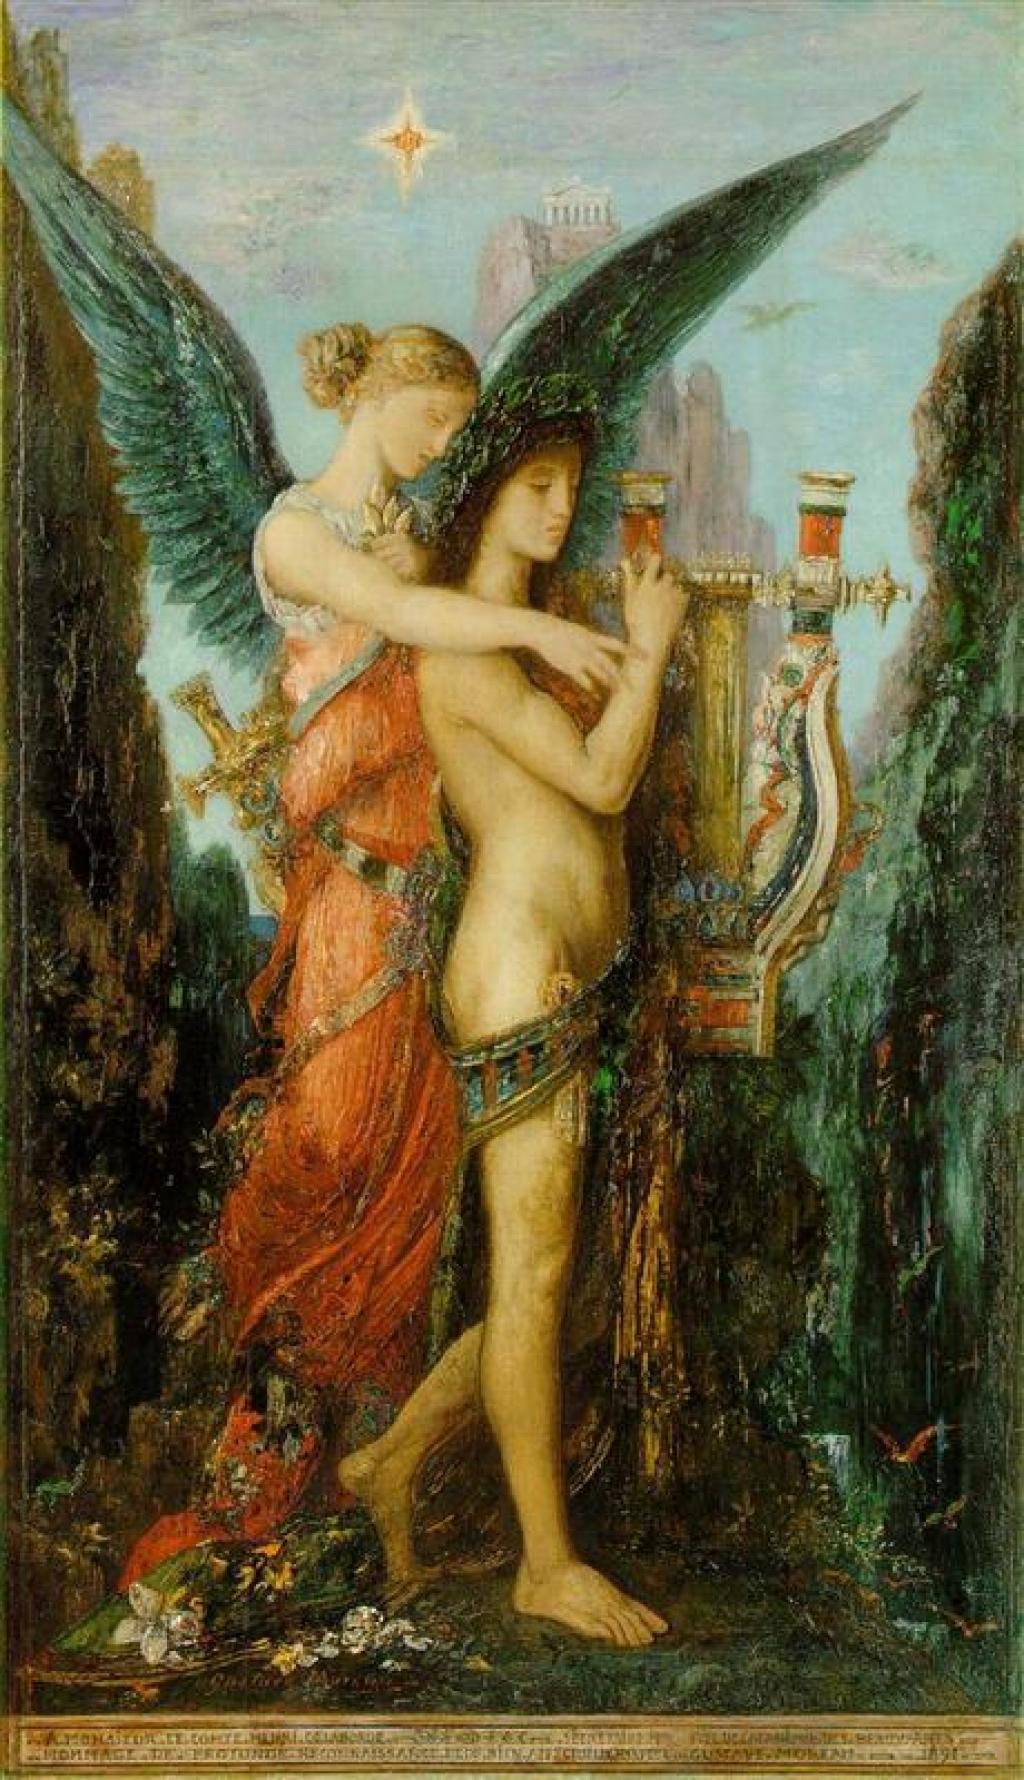 """La foto muestra el cuadro """"Hesíodo y la Musa"""", del pintor francés Gustave Moreau."""